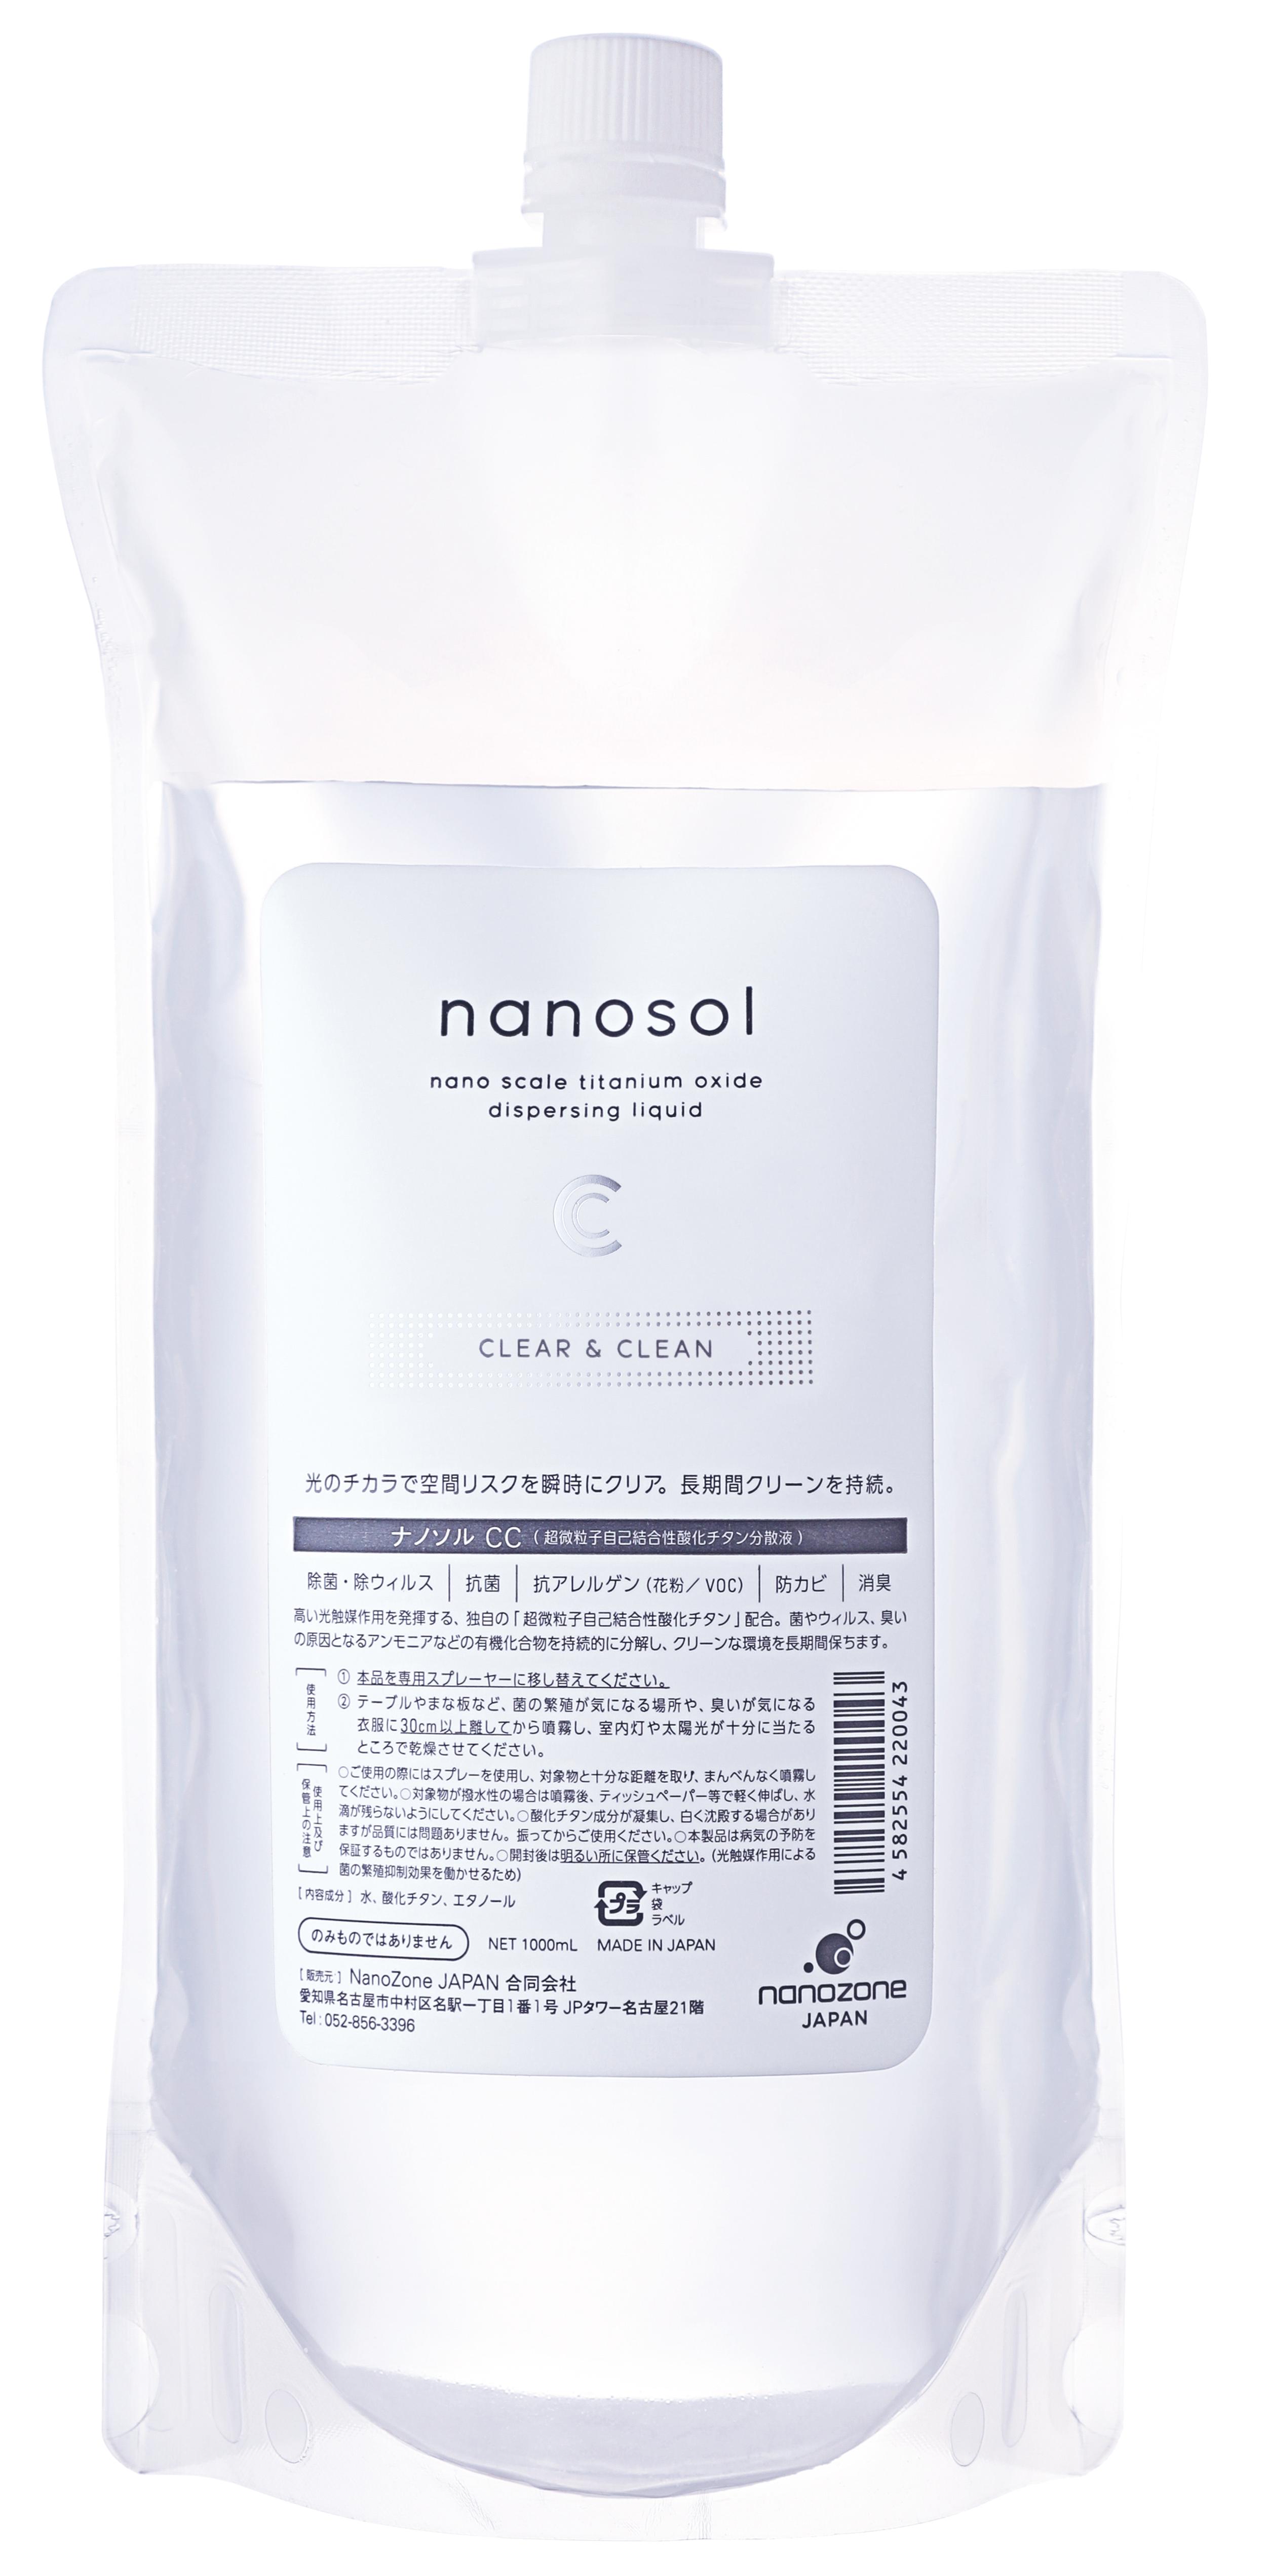 どこも抗菌|ナノゾーン|ナノソルcc1000ml